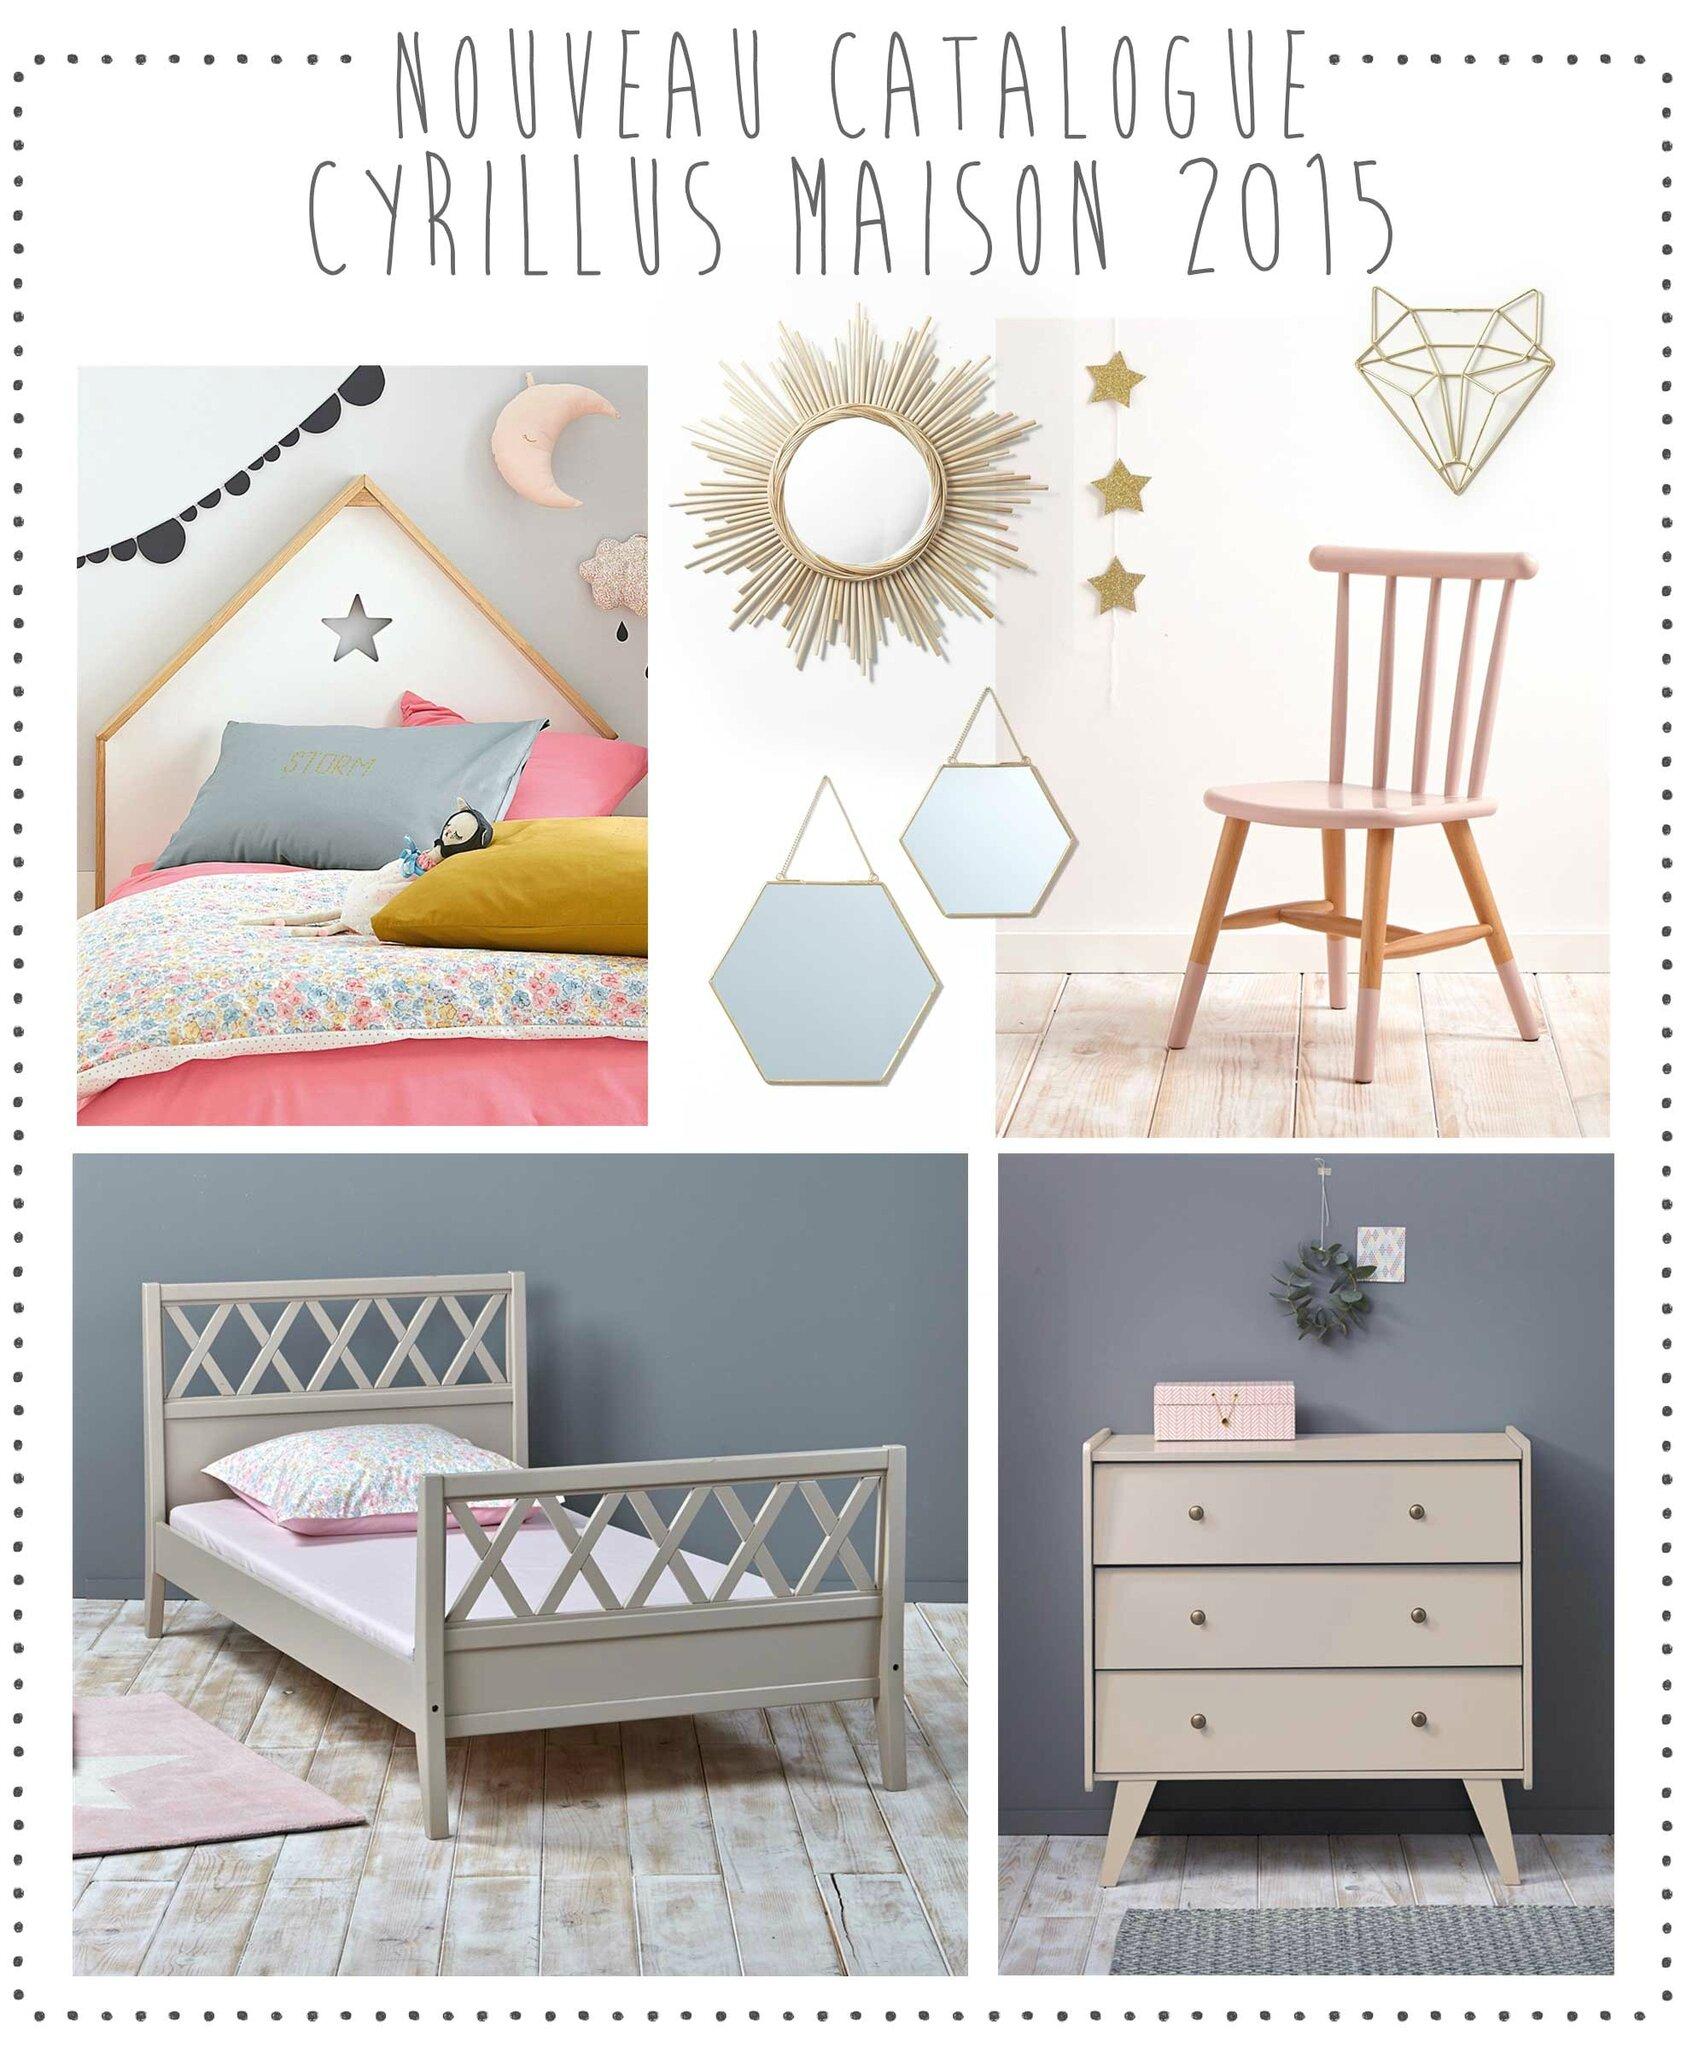 nouveau: le catalogue cyrillus maison 2015 • - deco trendy